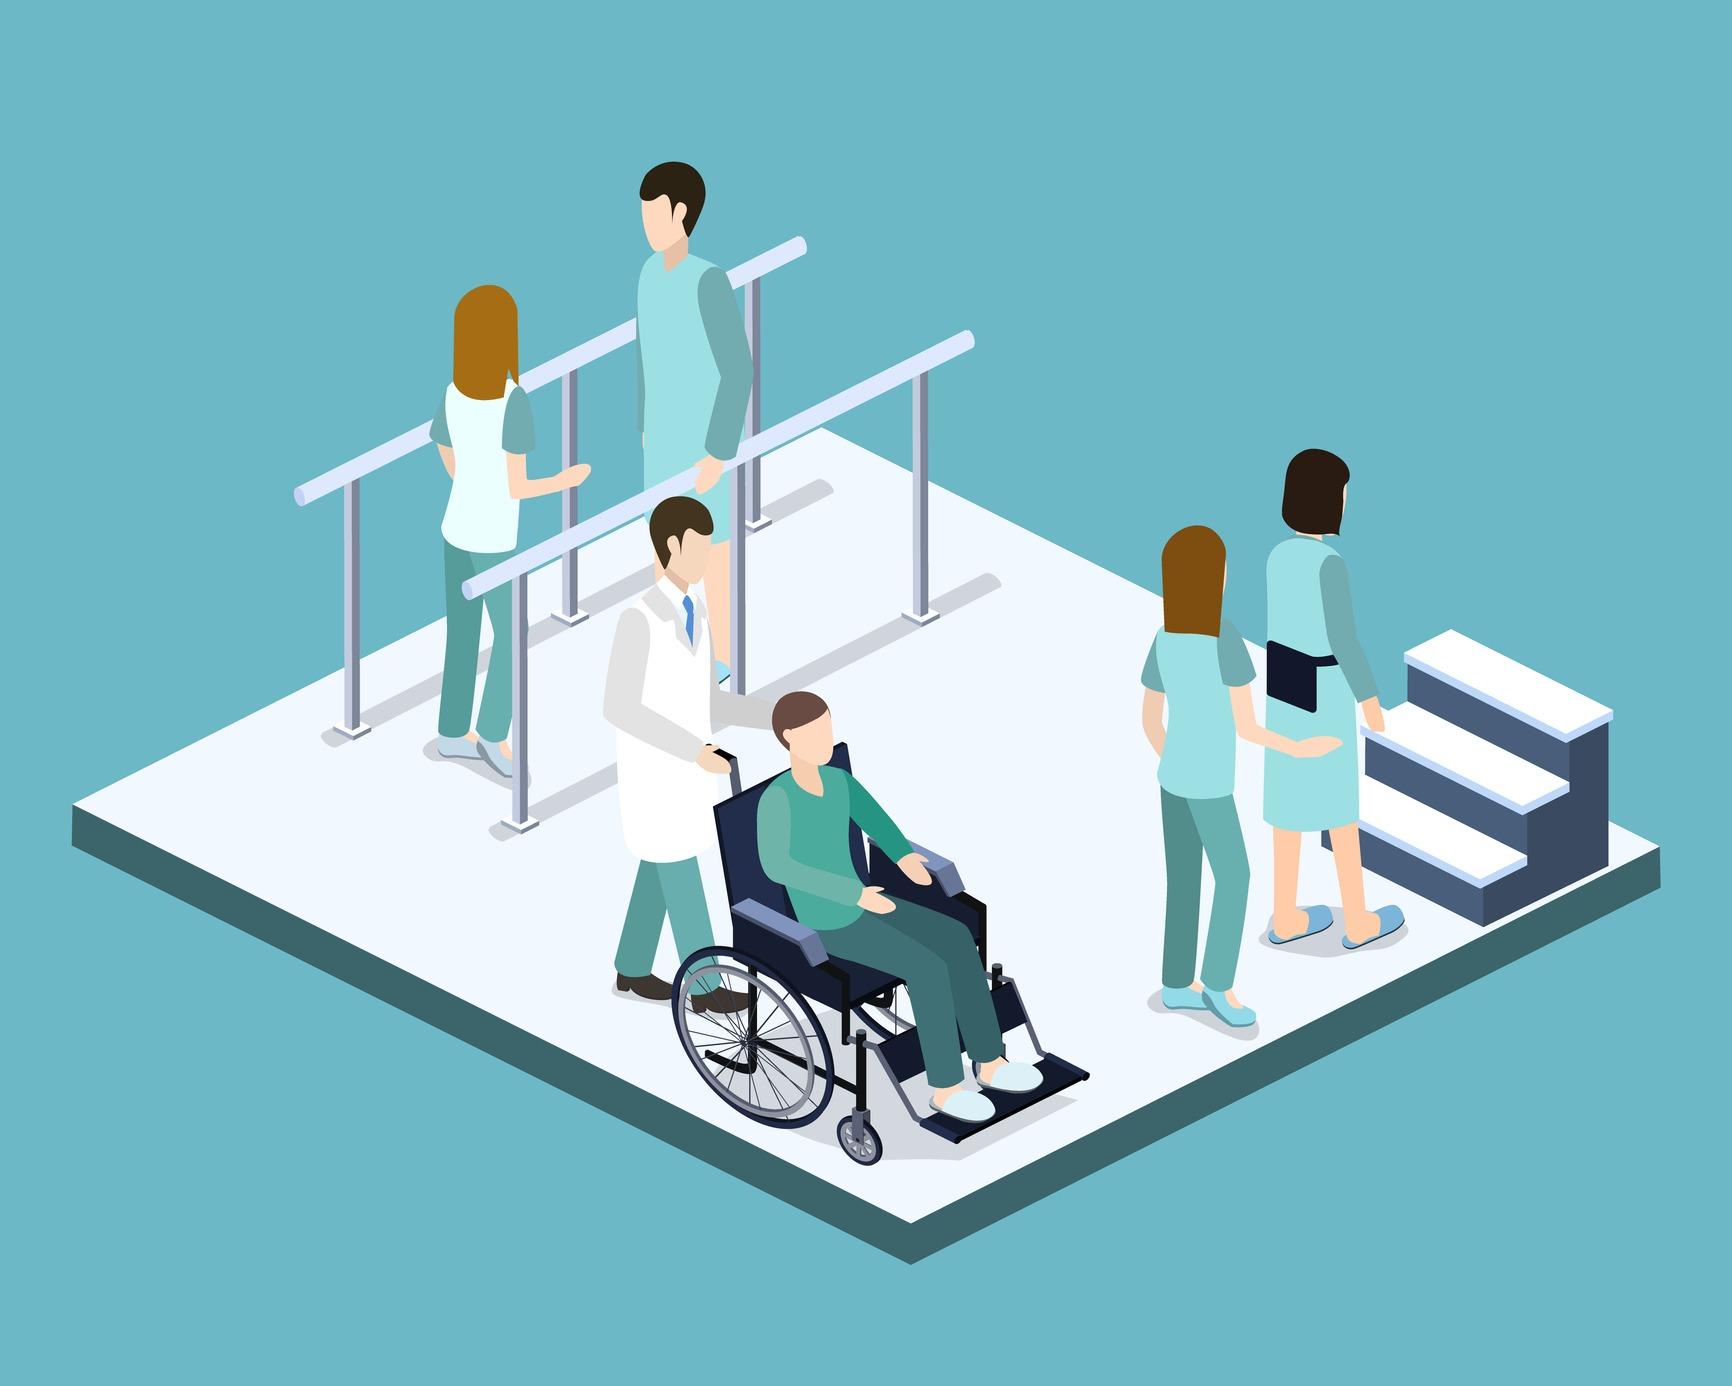 Profissão fisioterapeuta: 3 aspectos que você precisa saber sobre fisioterapia do trabalho!